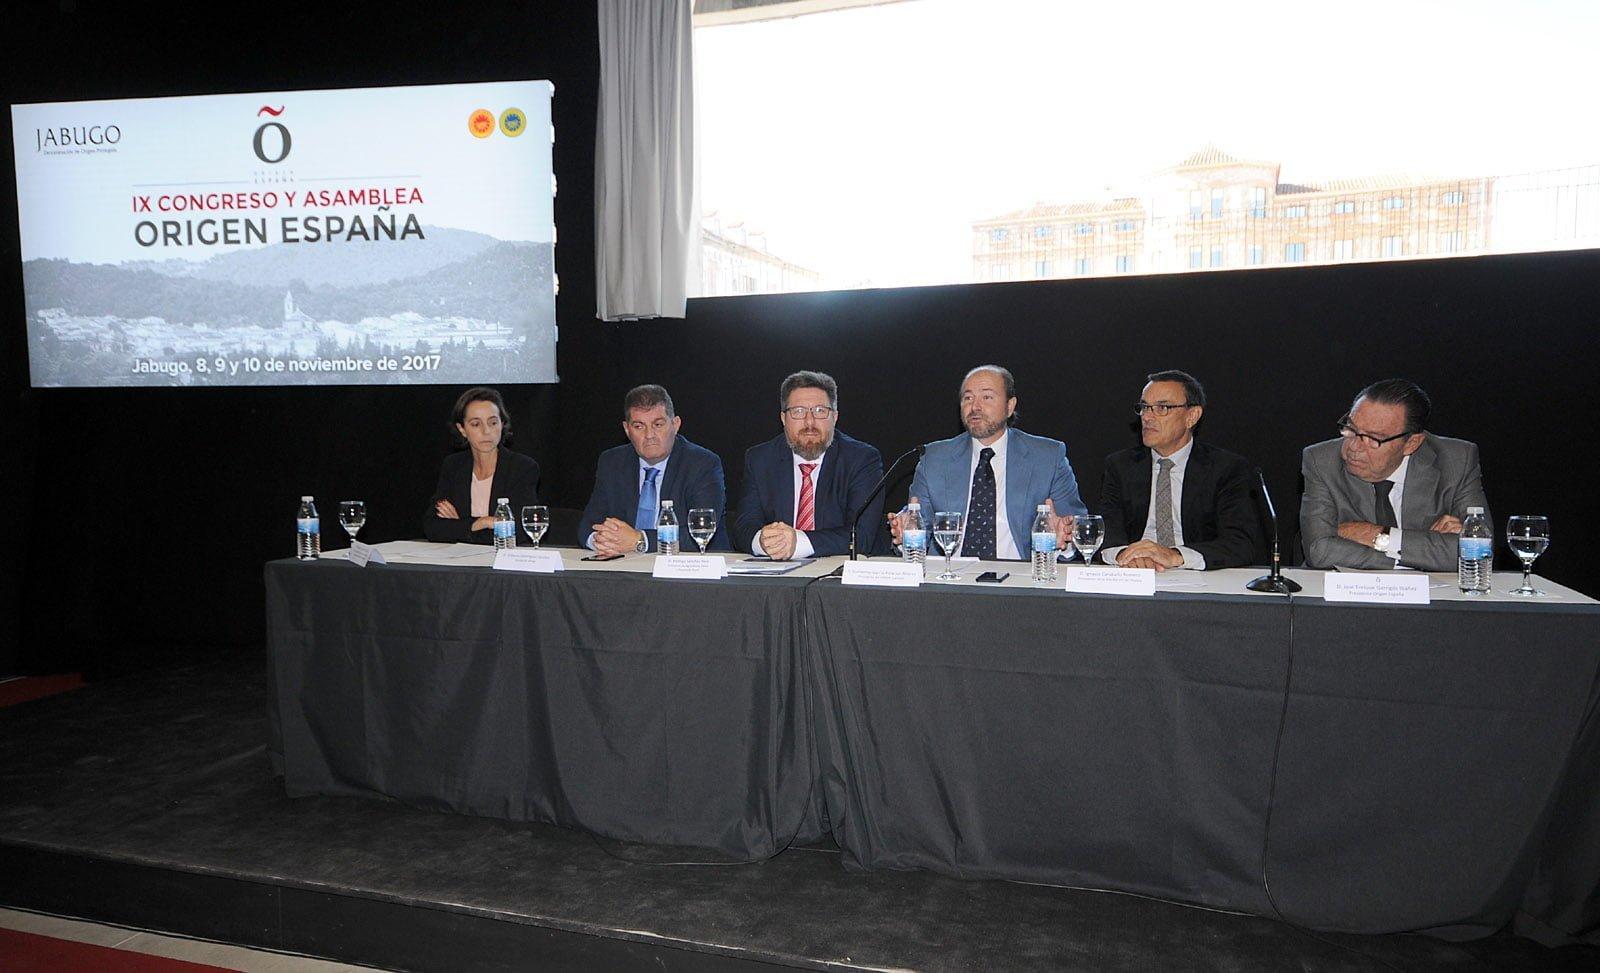 Mesa presidencial en la inauguración del IX Congreso de Origen España en la DOP Jabugo